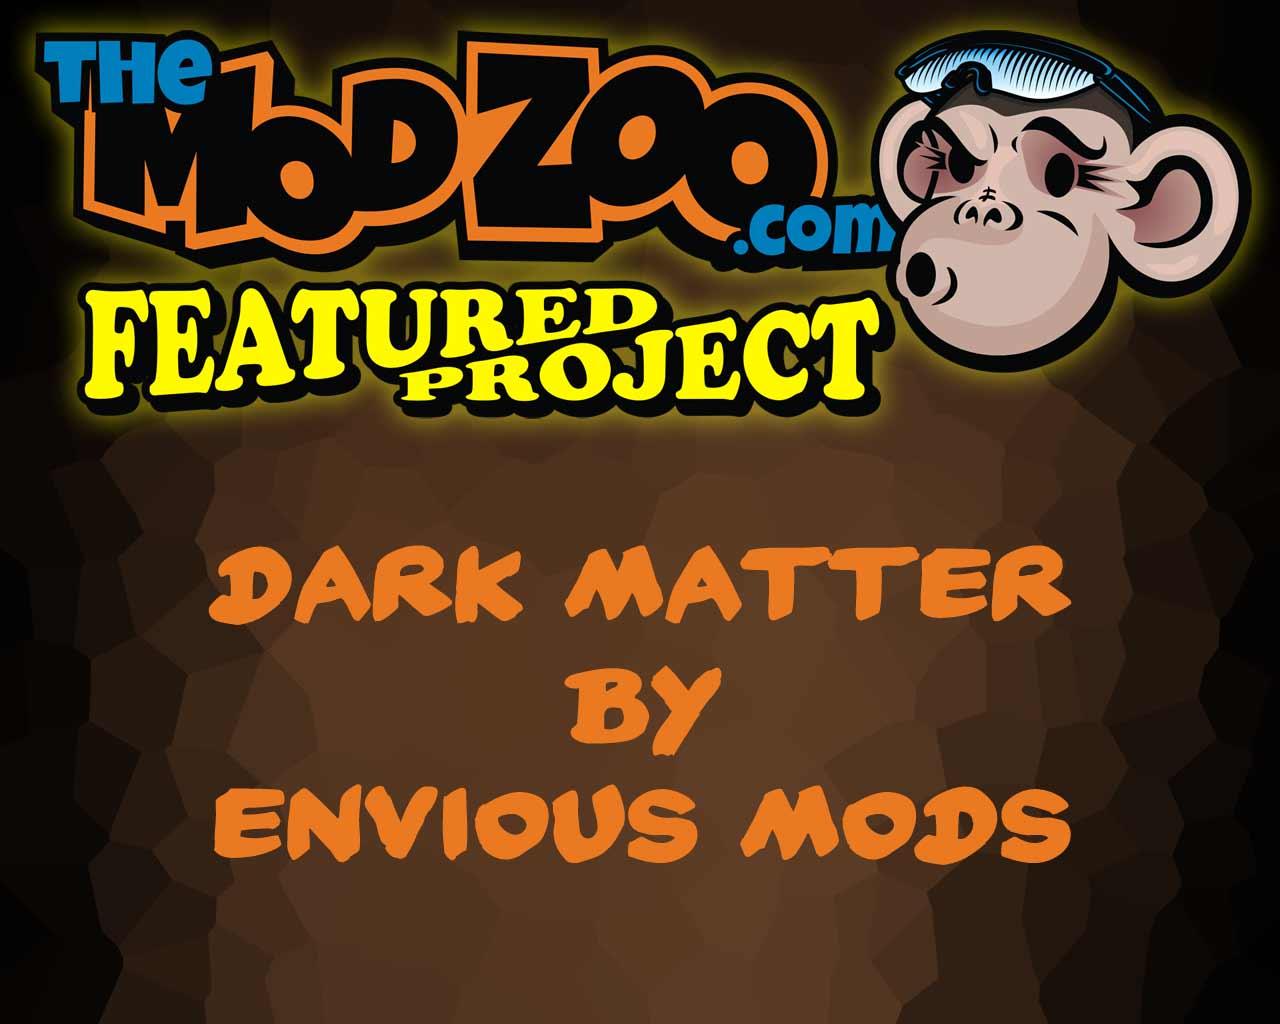 featured_project_dark_matter_envious_mods